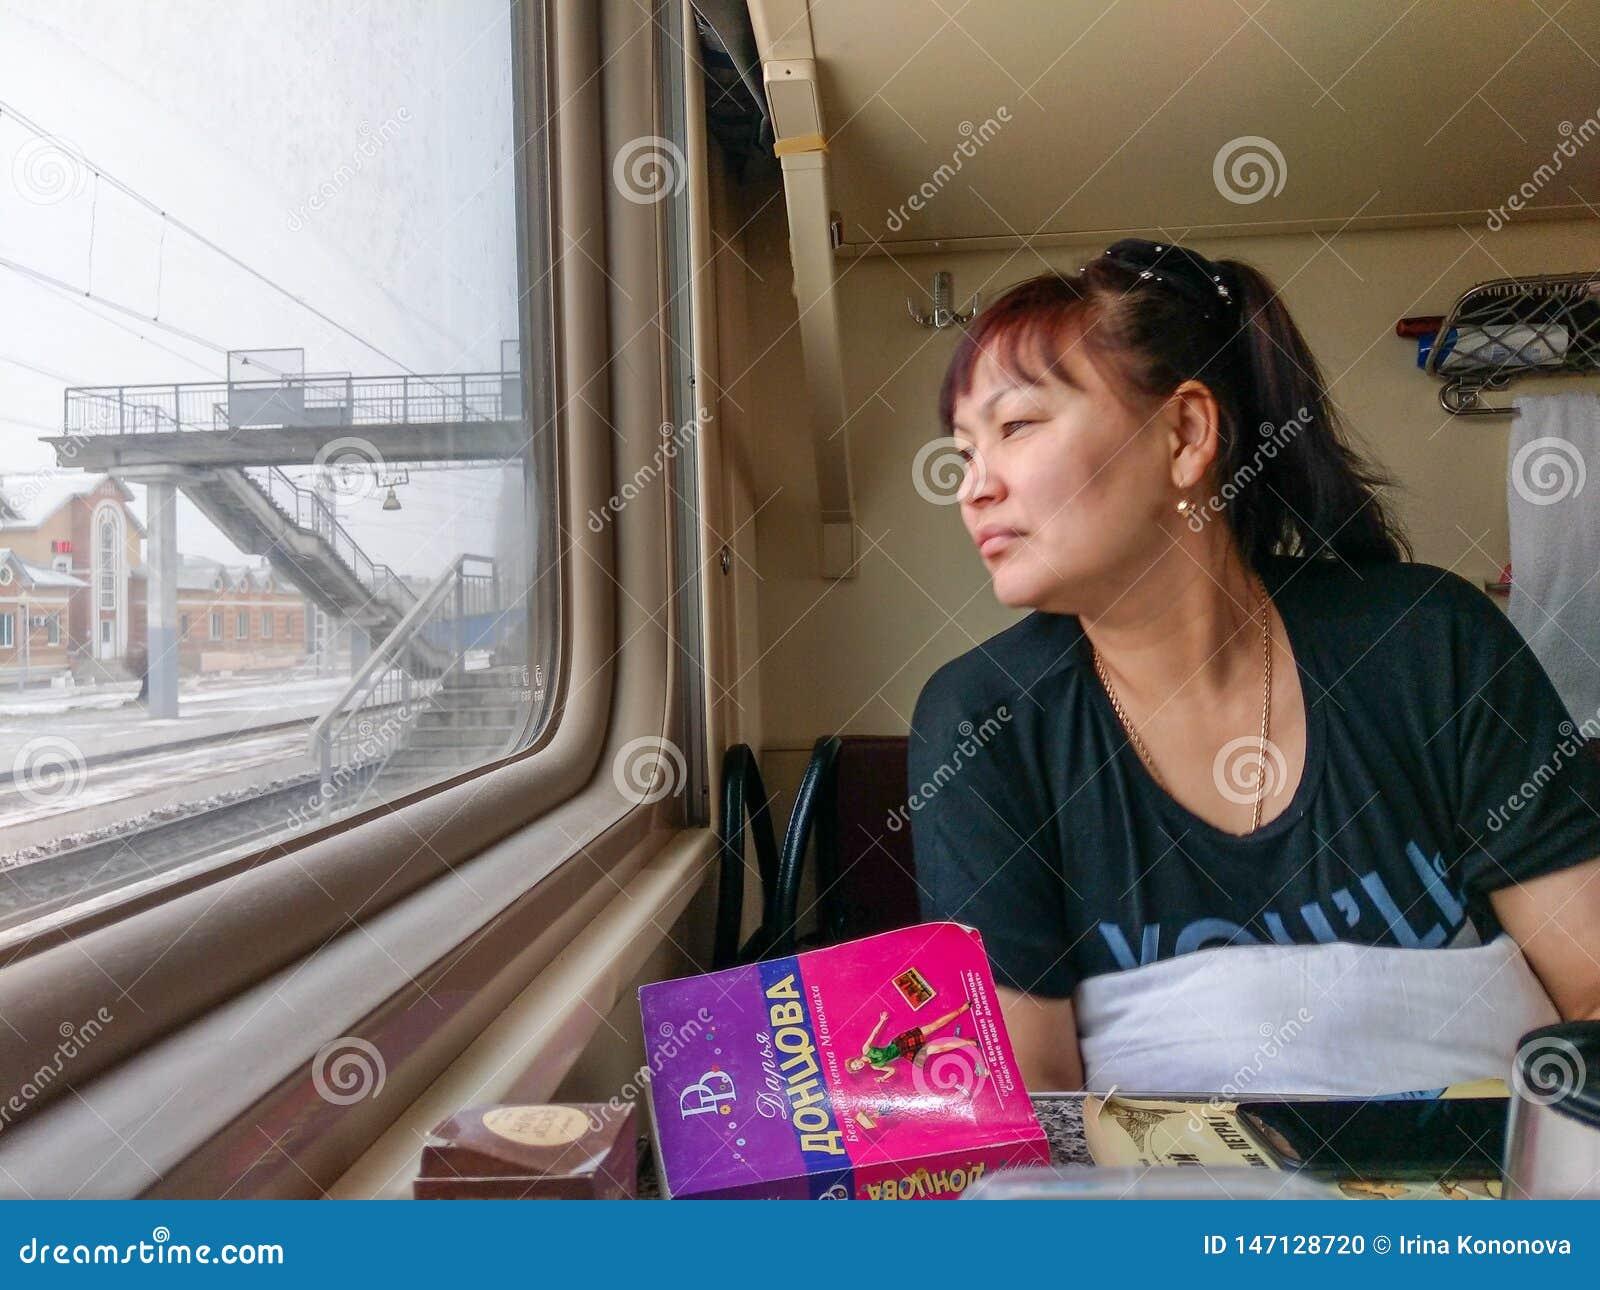 Een passagier reist op een trein Moskou-Vladivostok en kijkt uit het venster